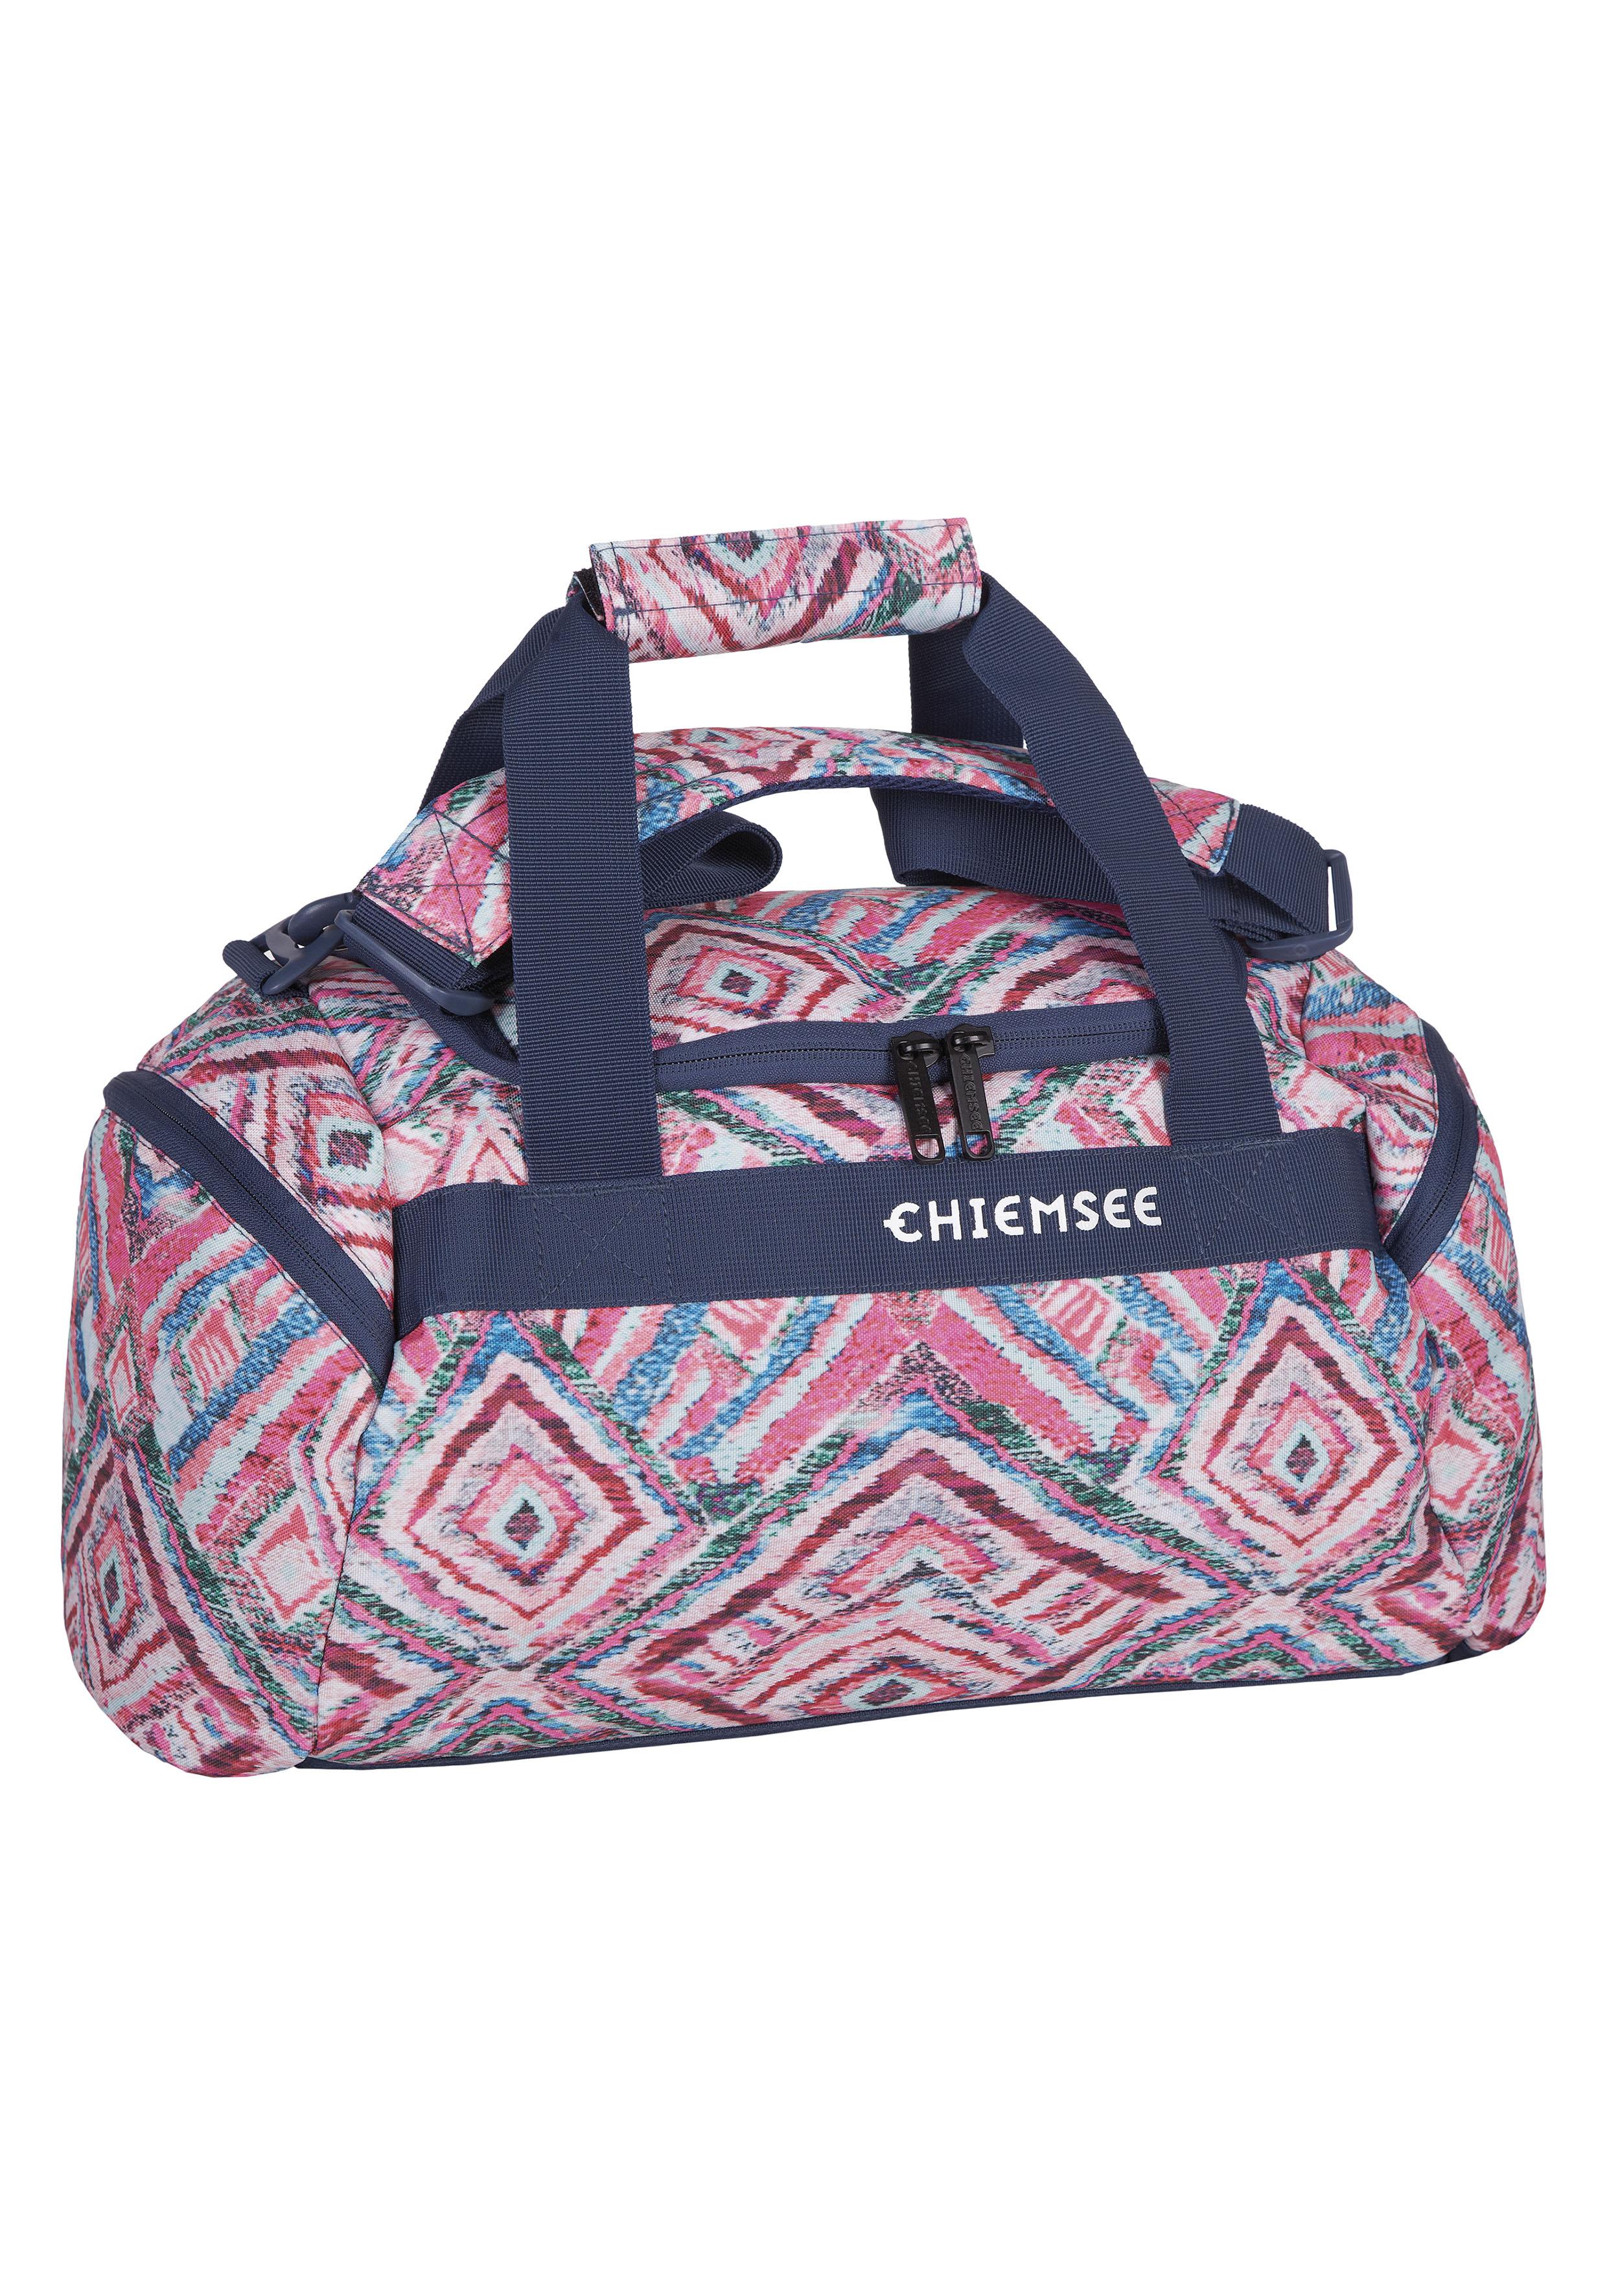 chiemsee sporttasche chiemsee sporttasche auf rechnung baur. Black Bedroom Furniture Sets. Home Design Ideas